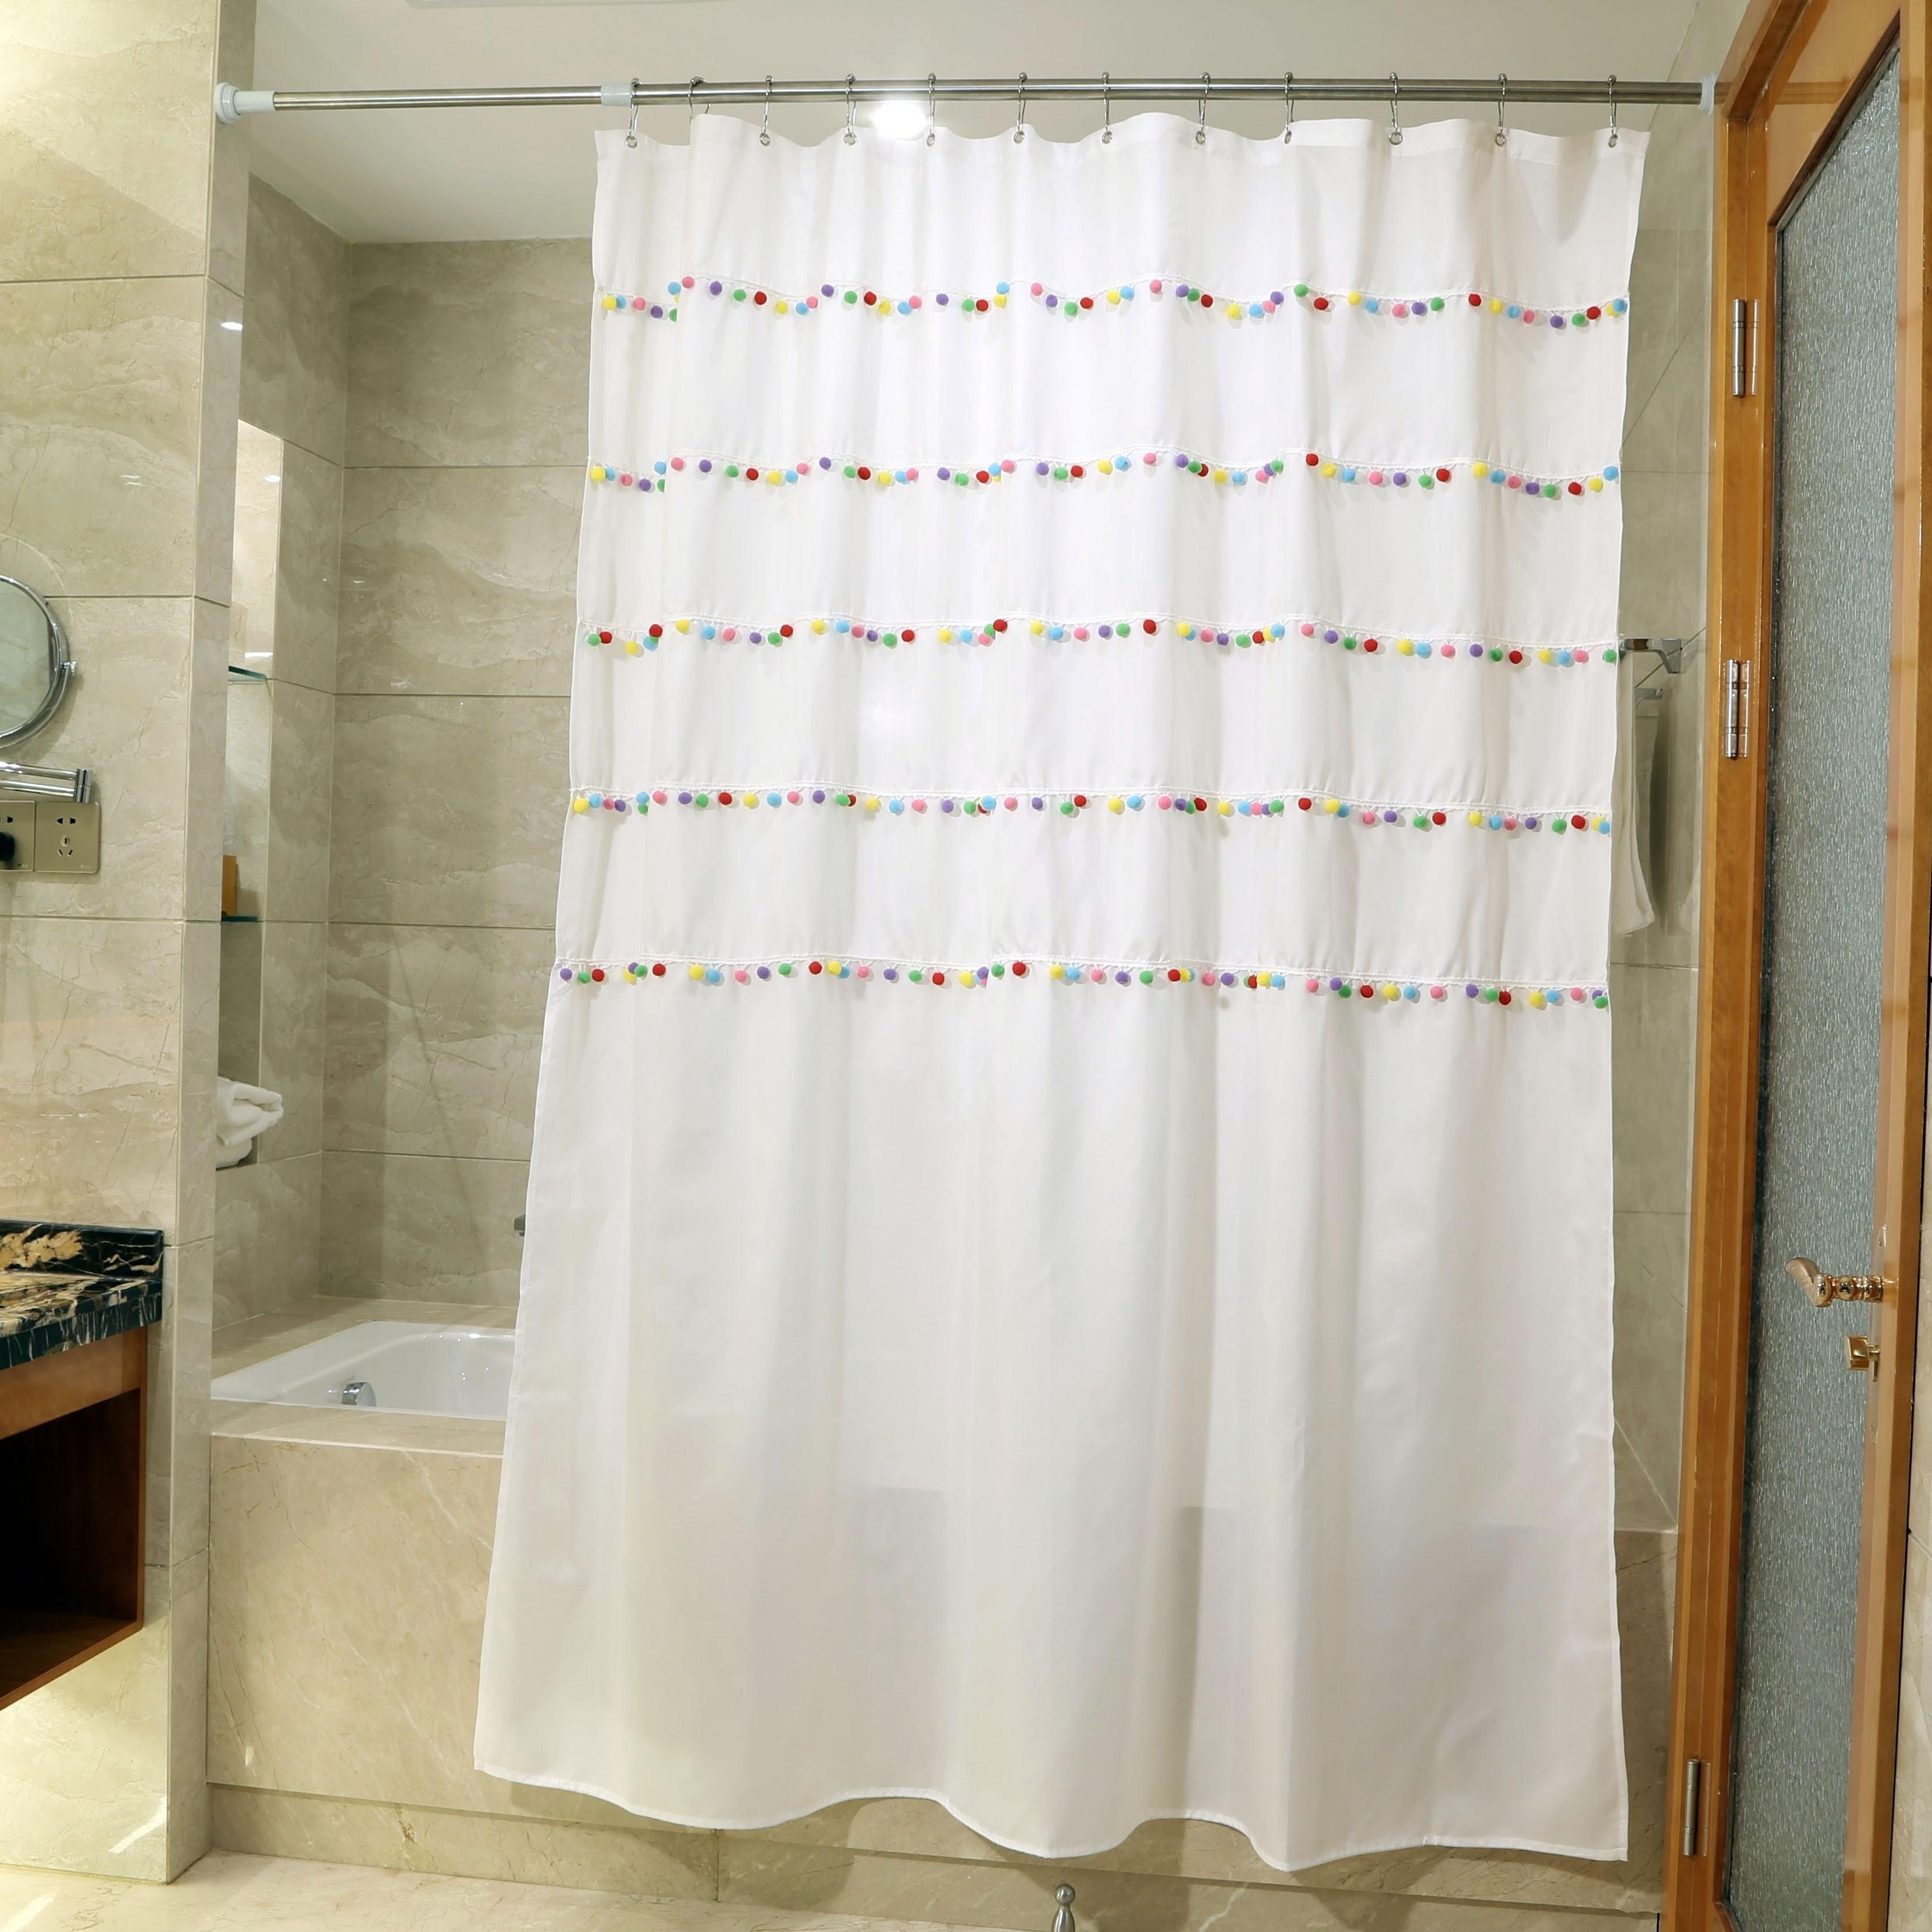 Pom Pom Ball Shower Curtain